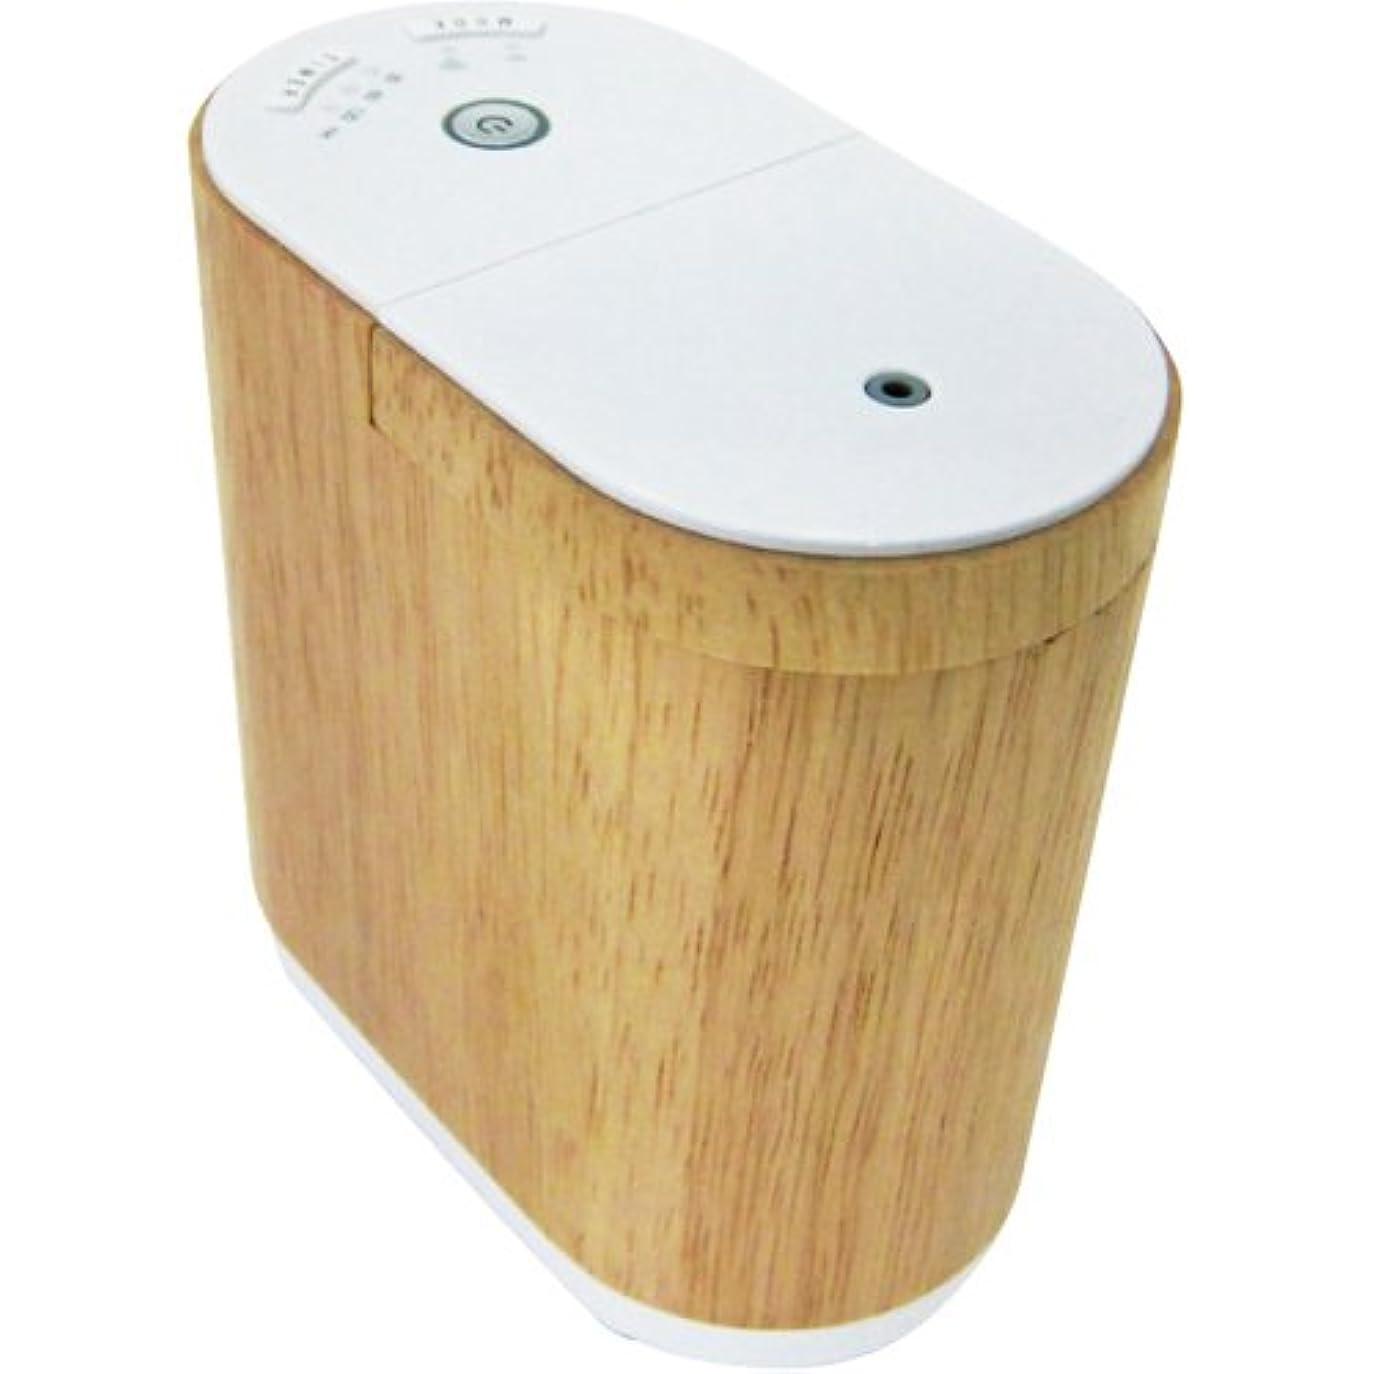 犯人高める枝生活の木 アロマディフューザー(ウッド)エッセンシャルオイルディフューザー aromore(アロモア) 08-801-6010